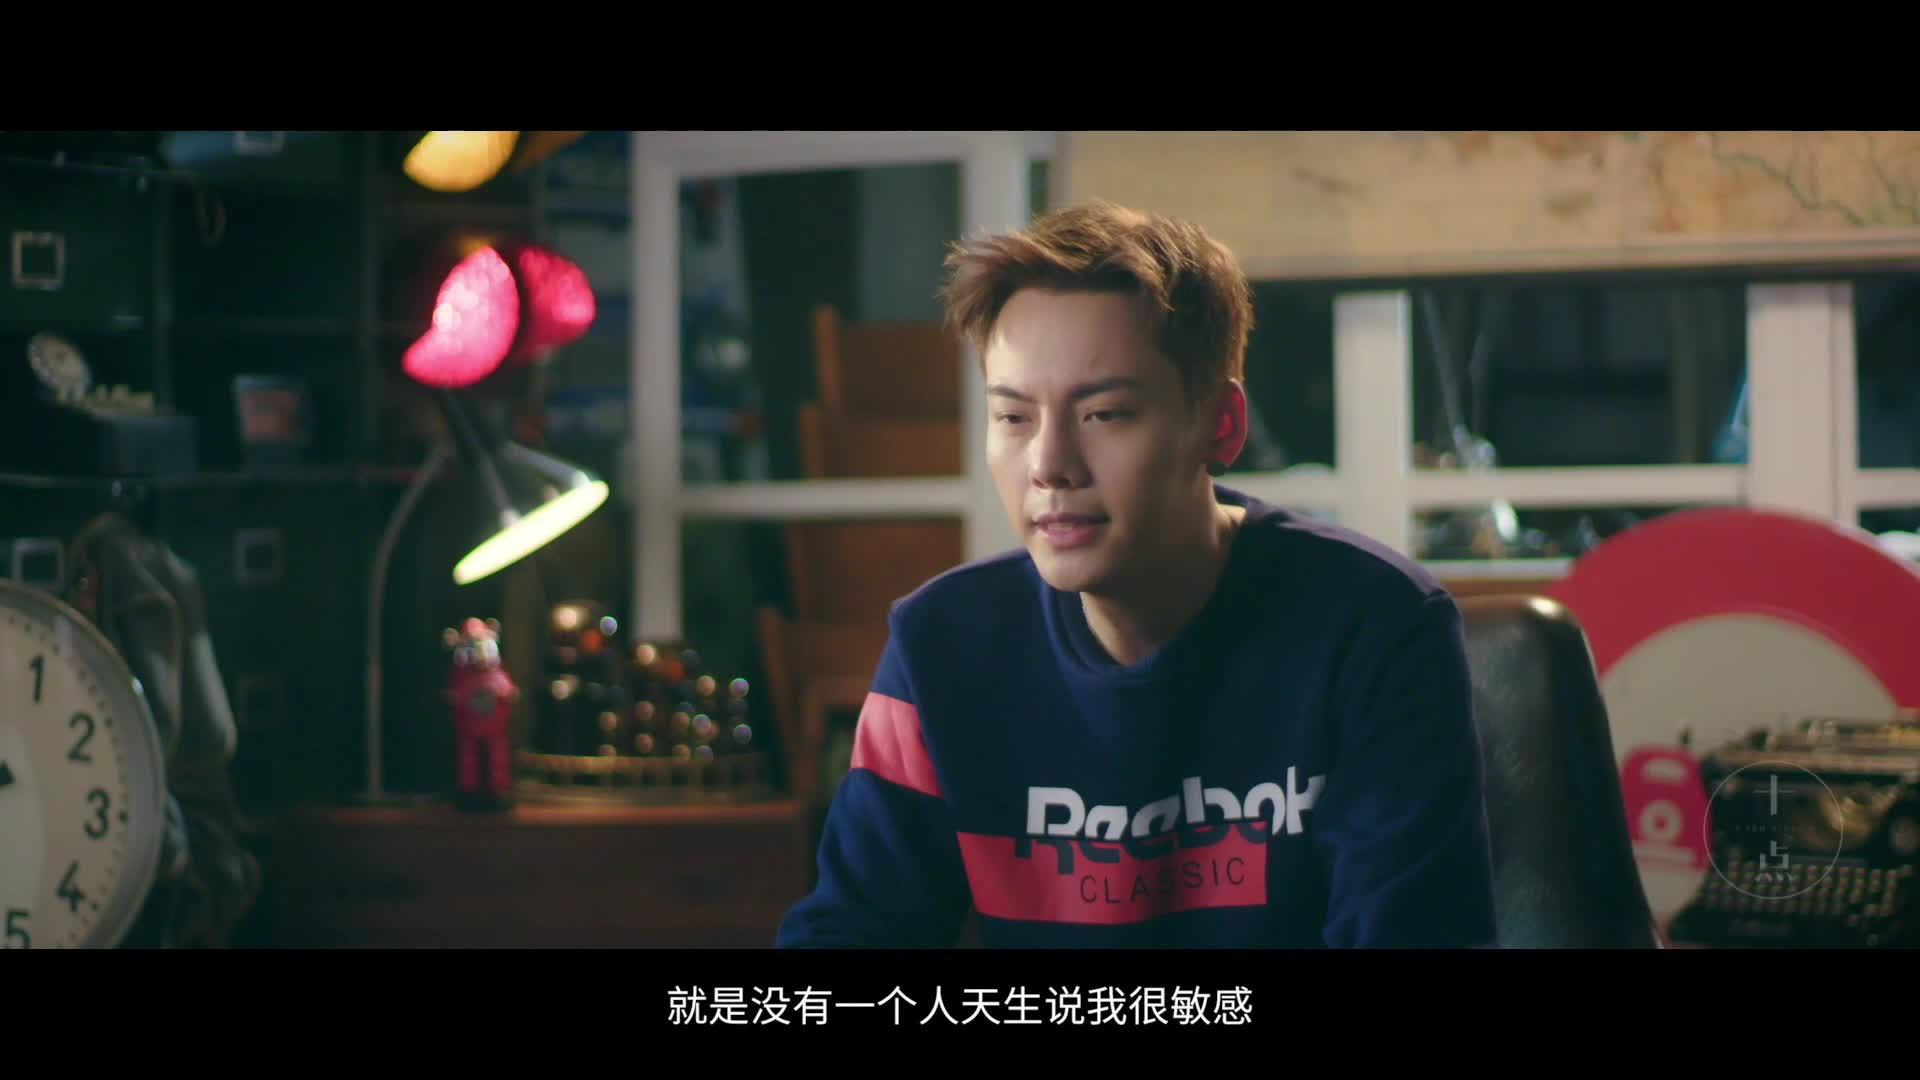 陈伟霆:由于热爱,一切都变得顺理成章